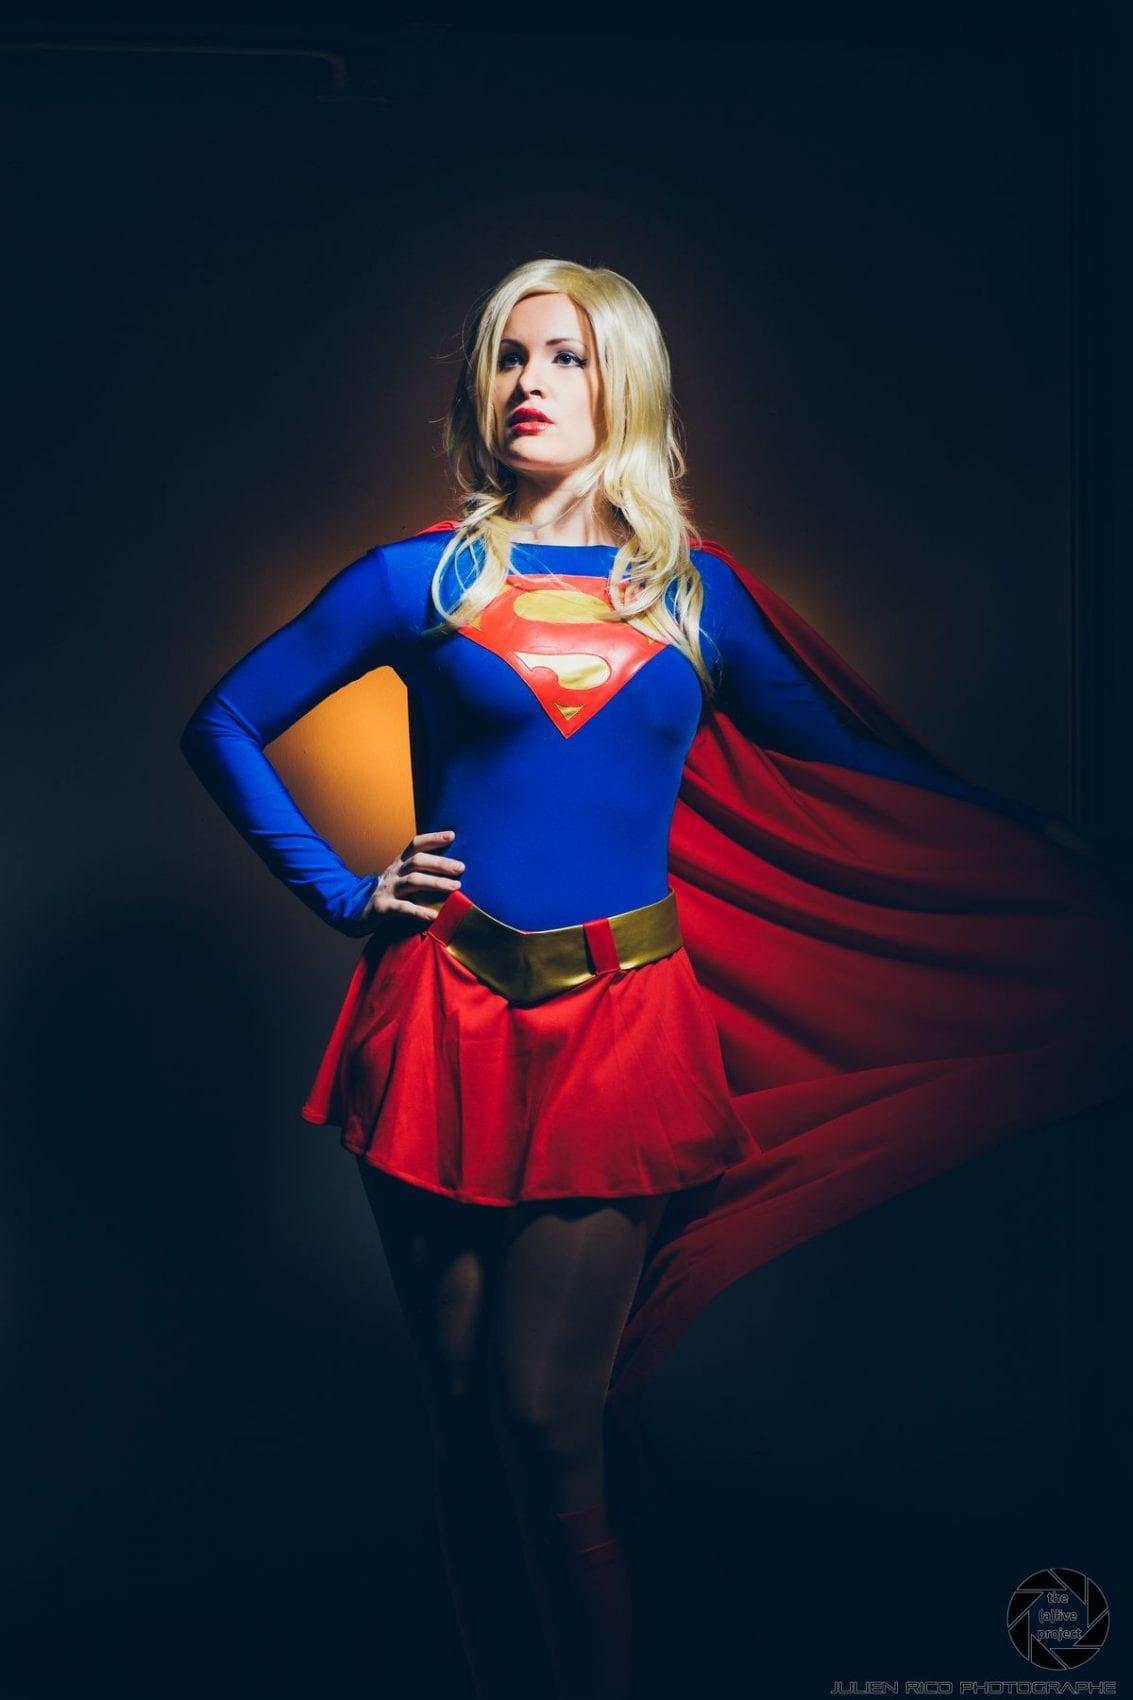 Supergirl-1